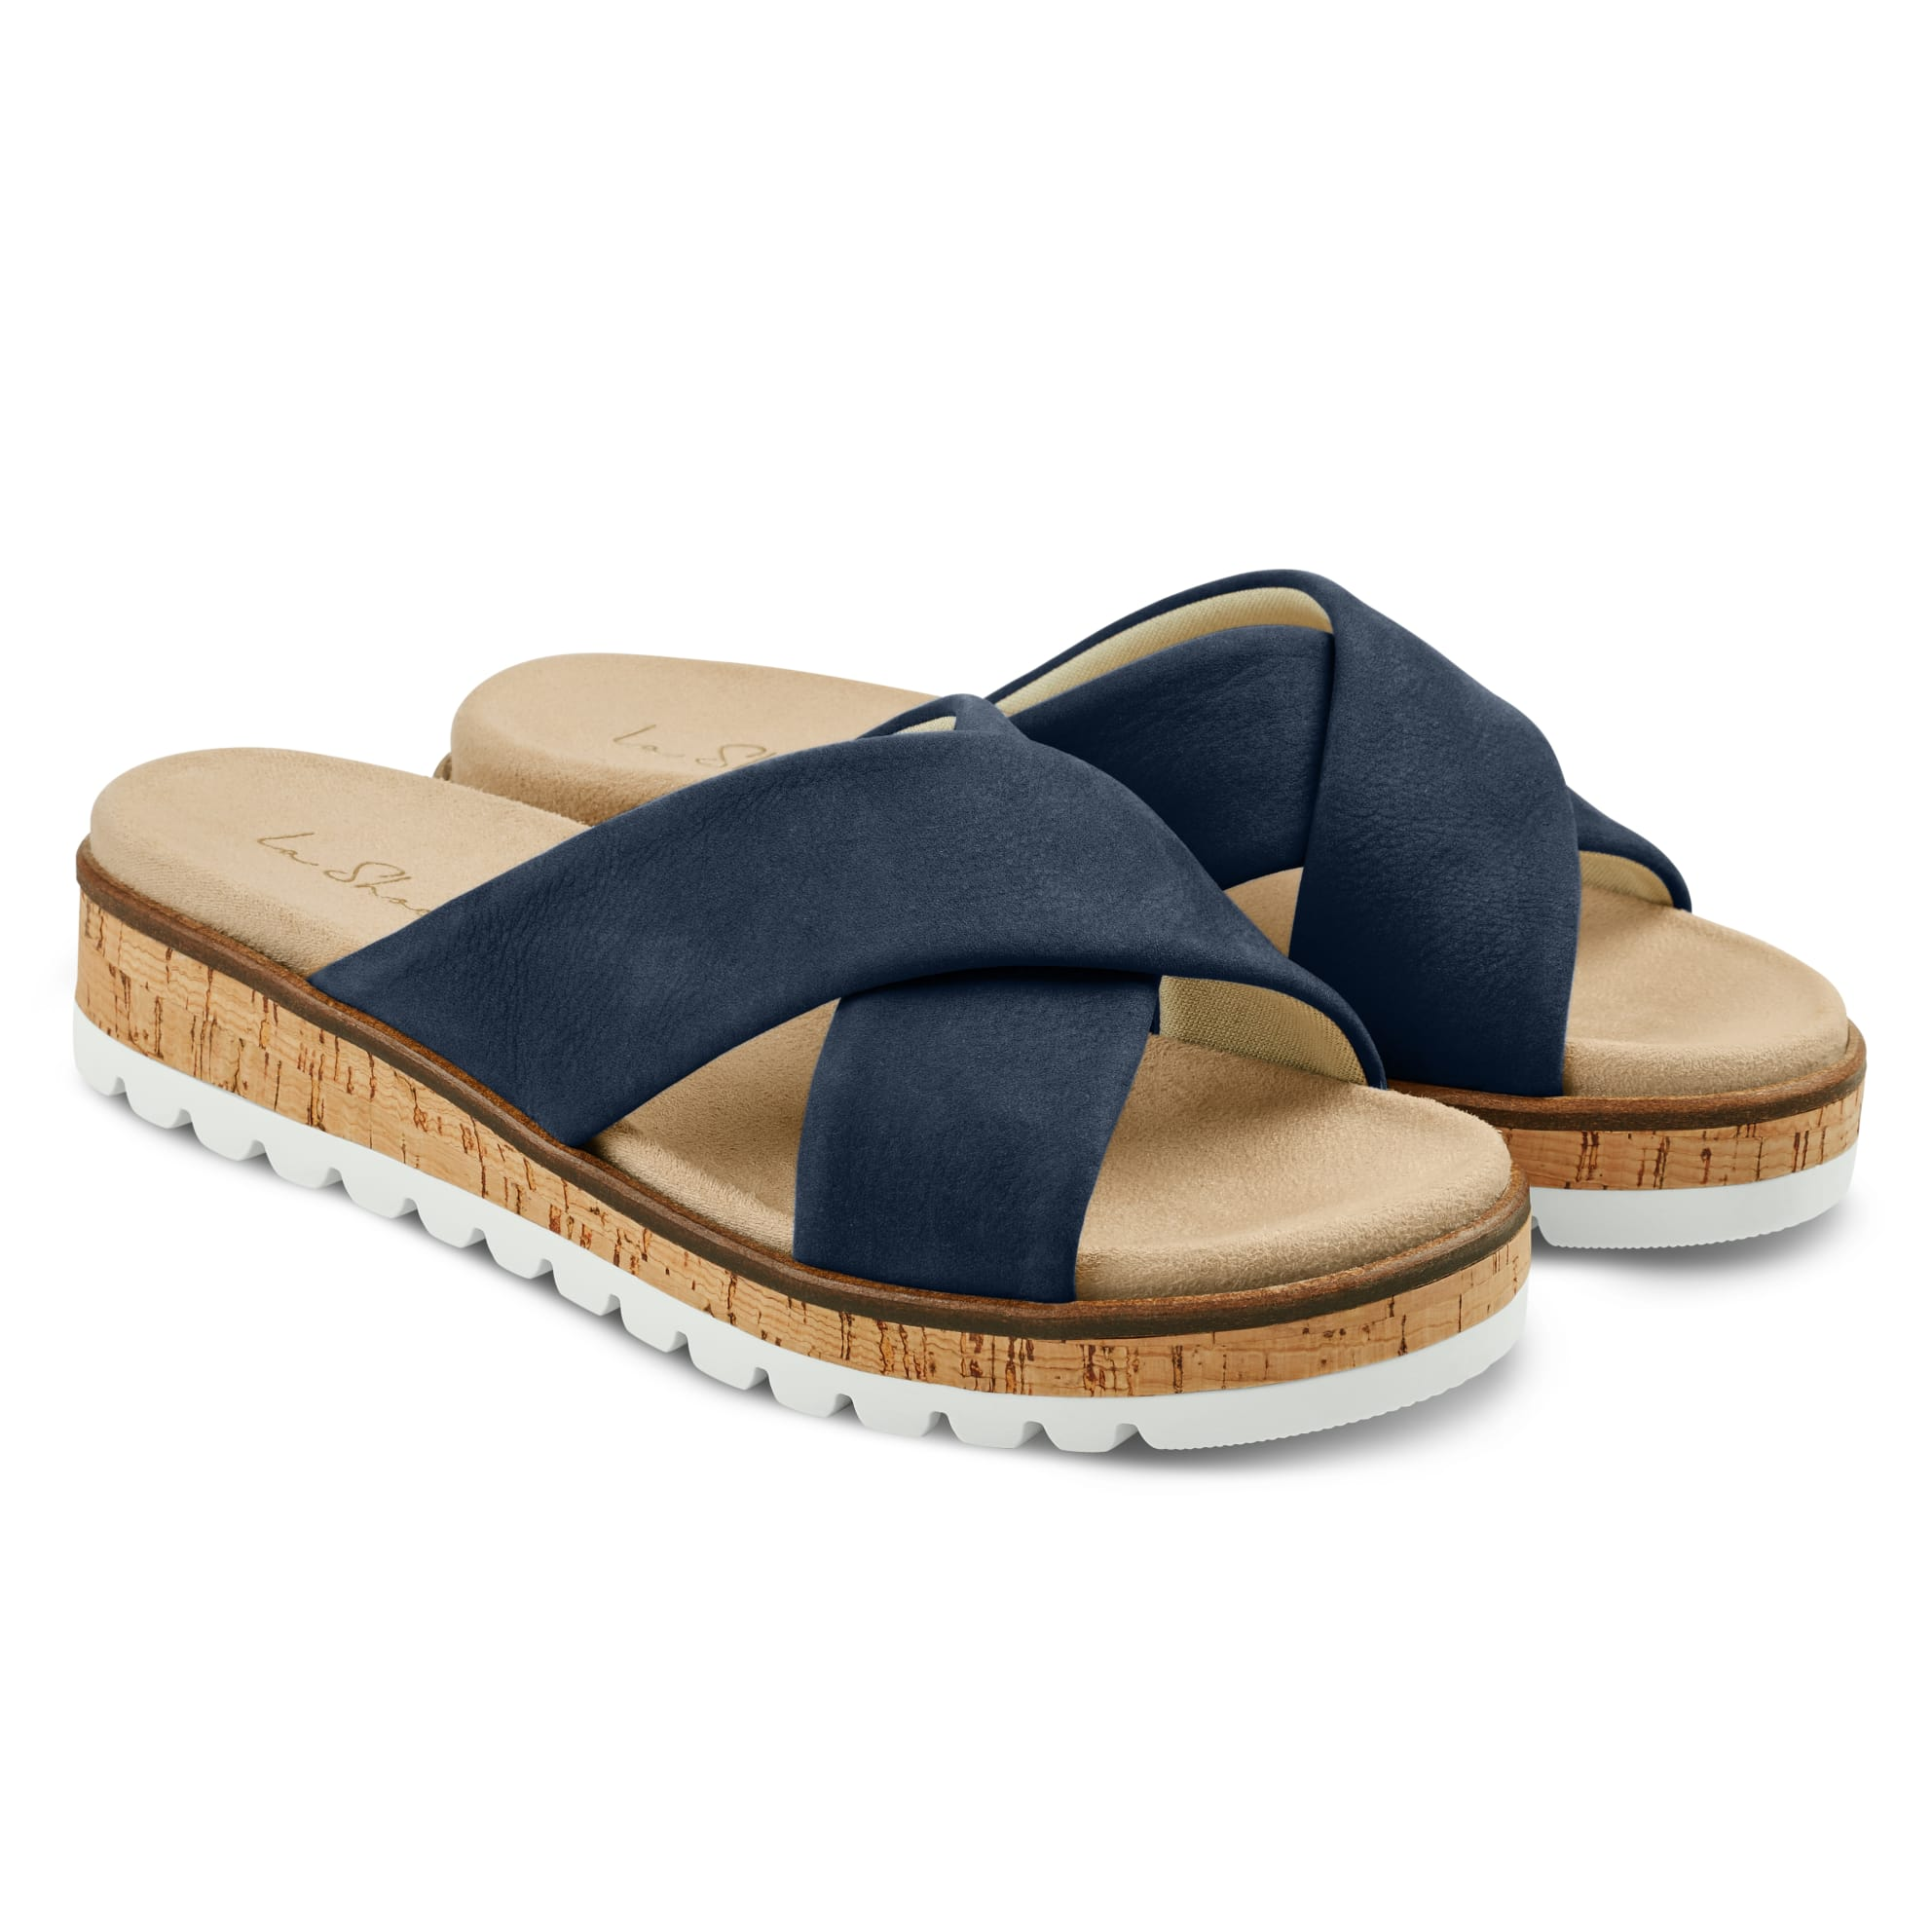 Pantolette mit Kreuzriemen Marine – modischer und bequemer Schuh für Hallux valgus und empfindliche Füße von LaShoe.de